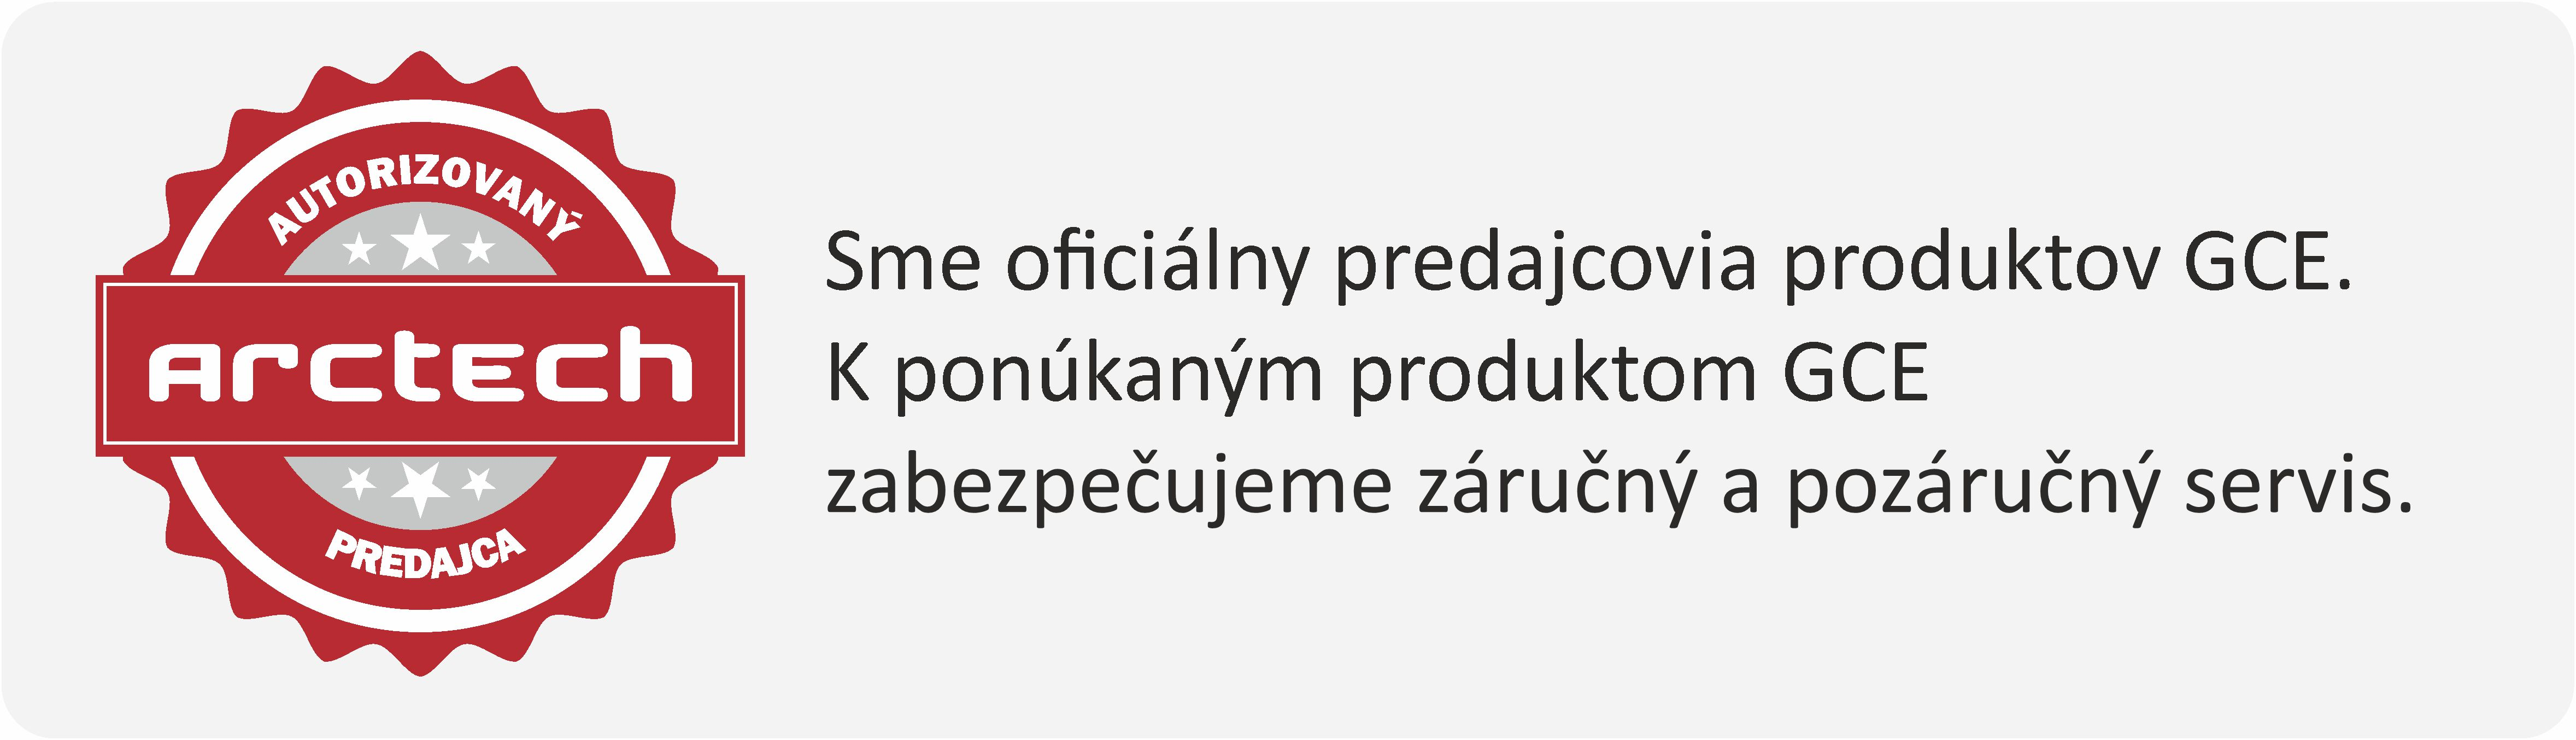 autorizovaný predajca gce